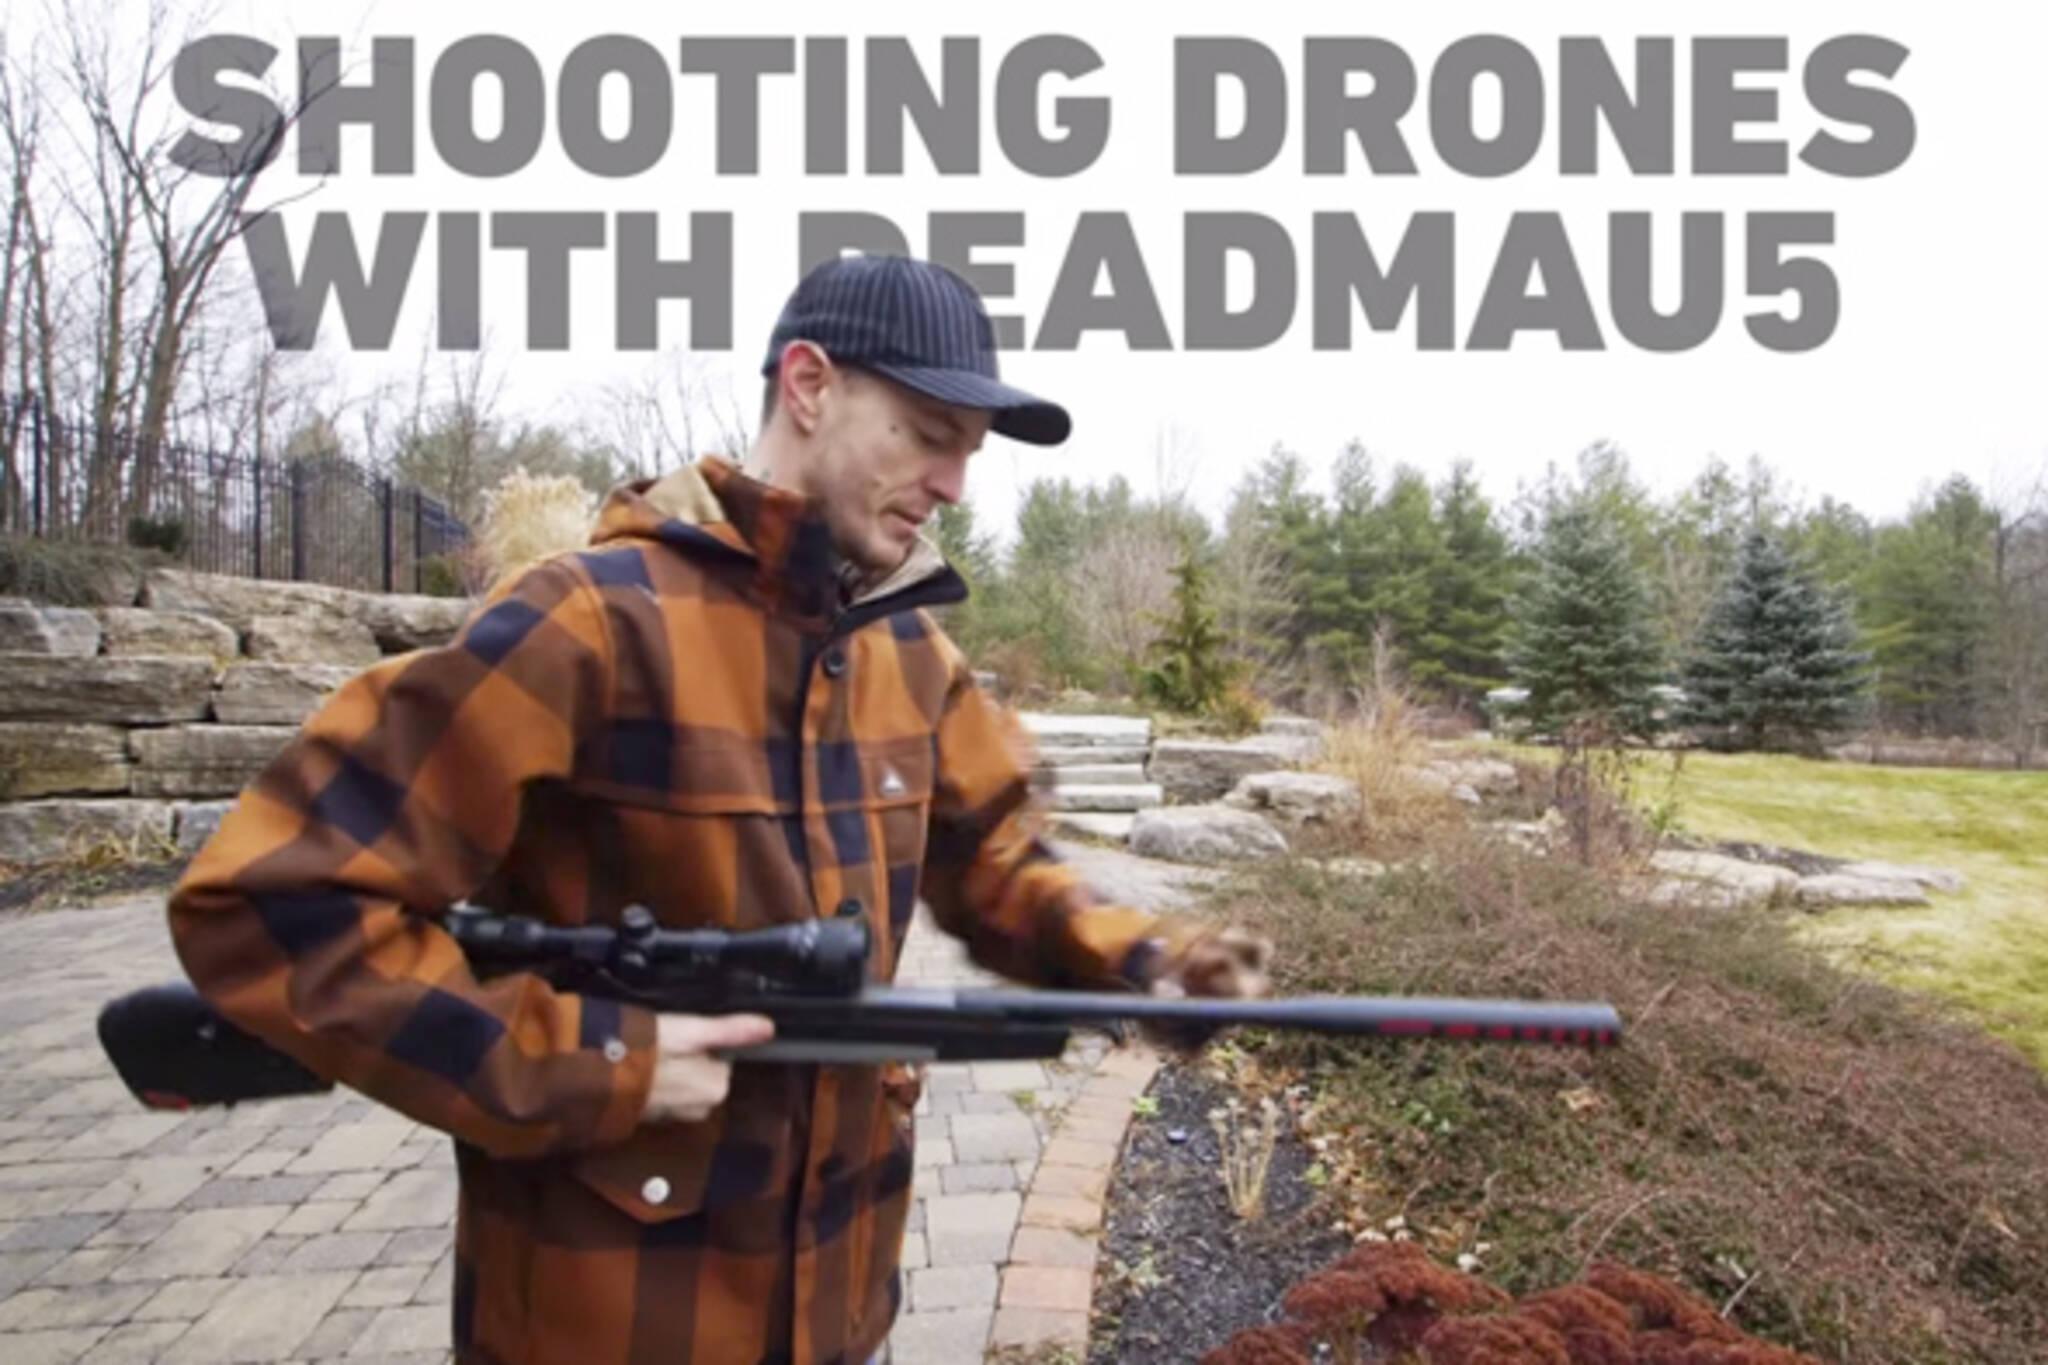 deadmaus drones